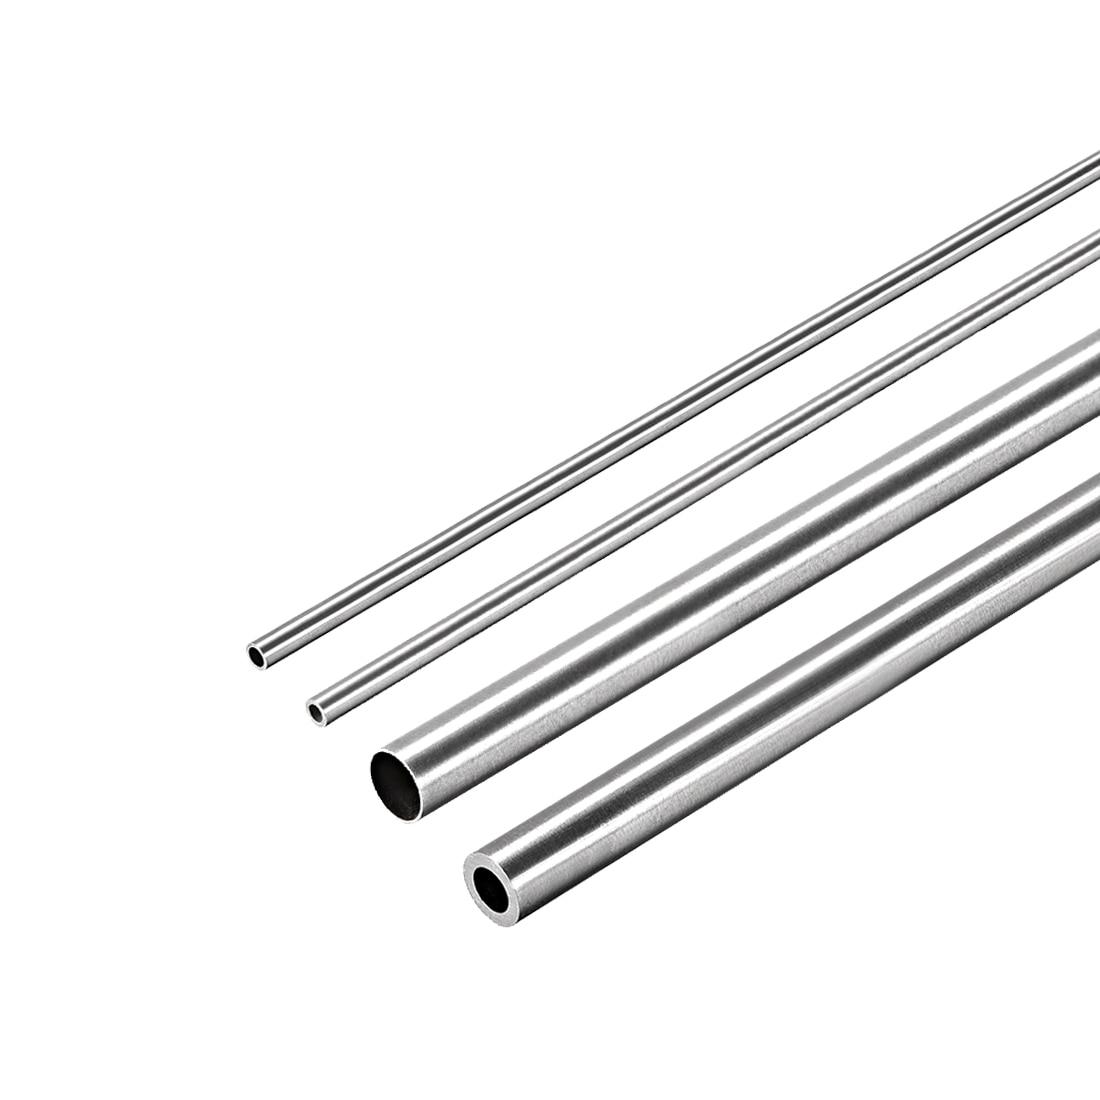 Uxcell, 4 Uds., tubo redondo de acero inoxidable 304, 2mm, 3mm, 4mm, 5mm, OD 250mm, tubo de tubo recto sin soldadura de longitud